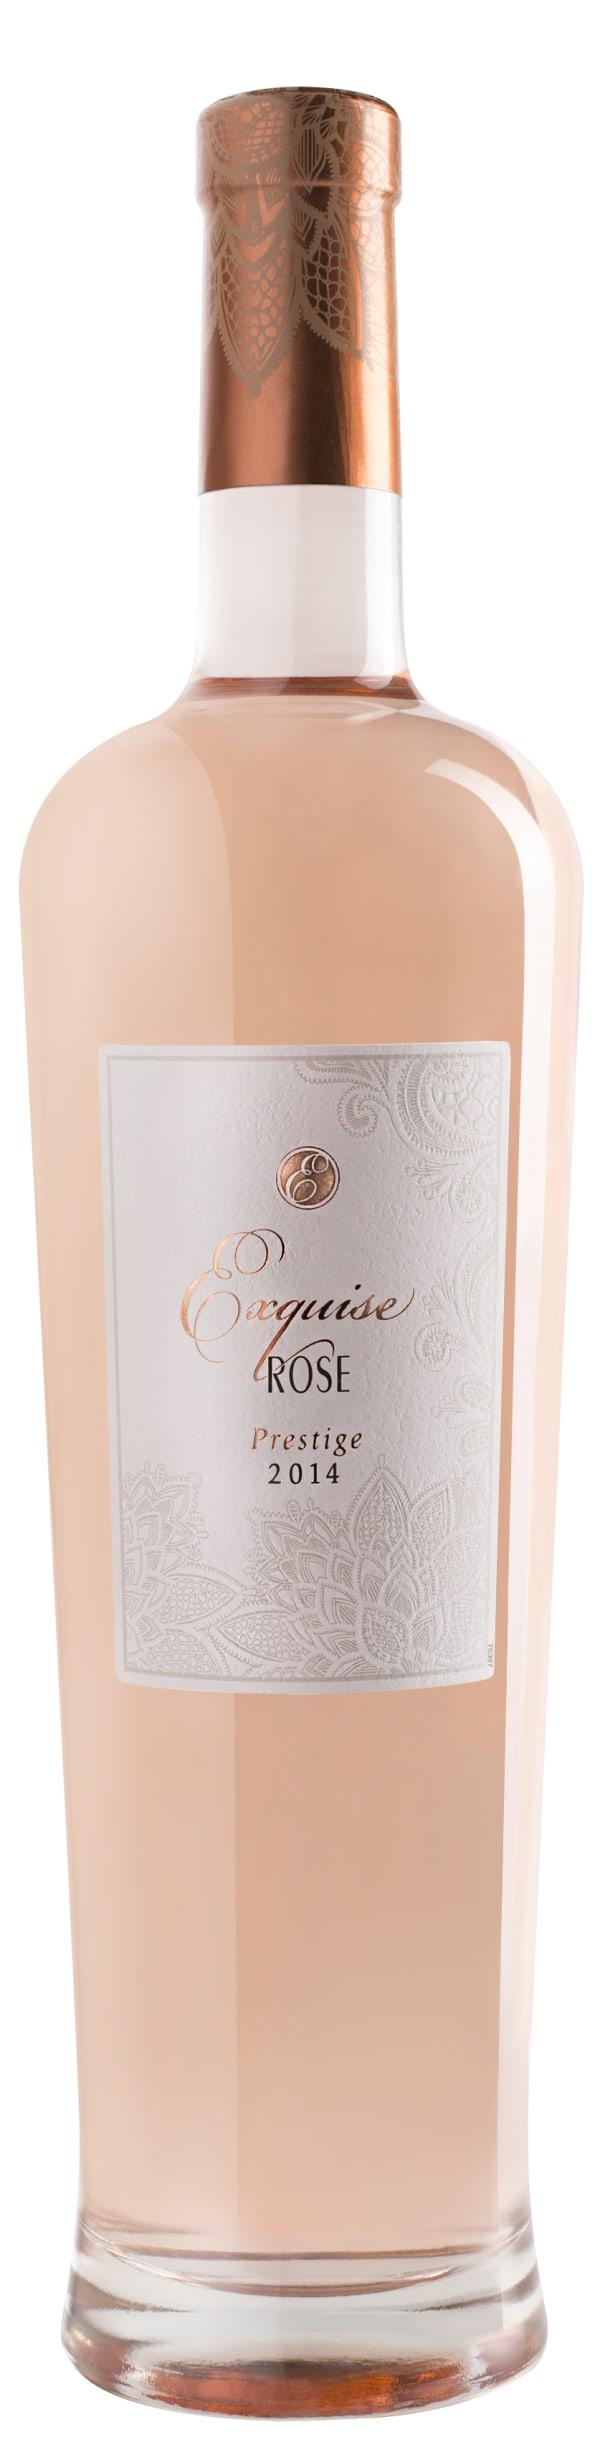 Exquise Rosé Prestige 2014